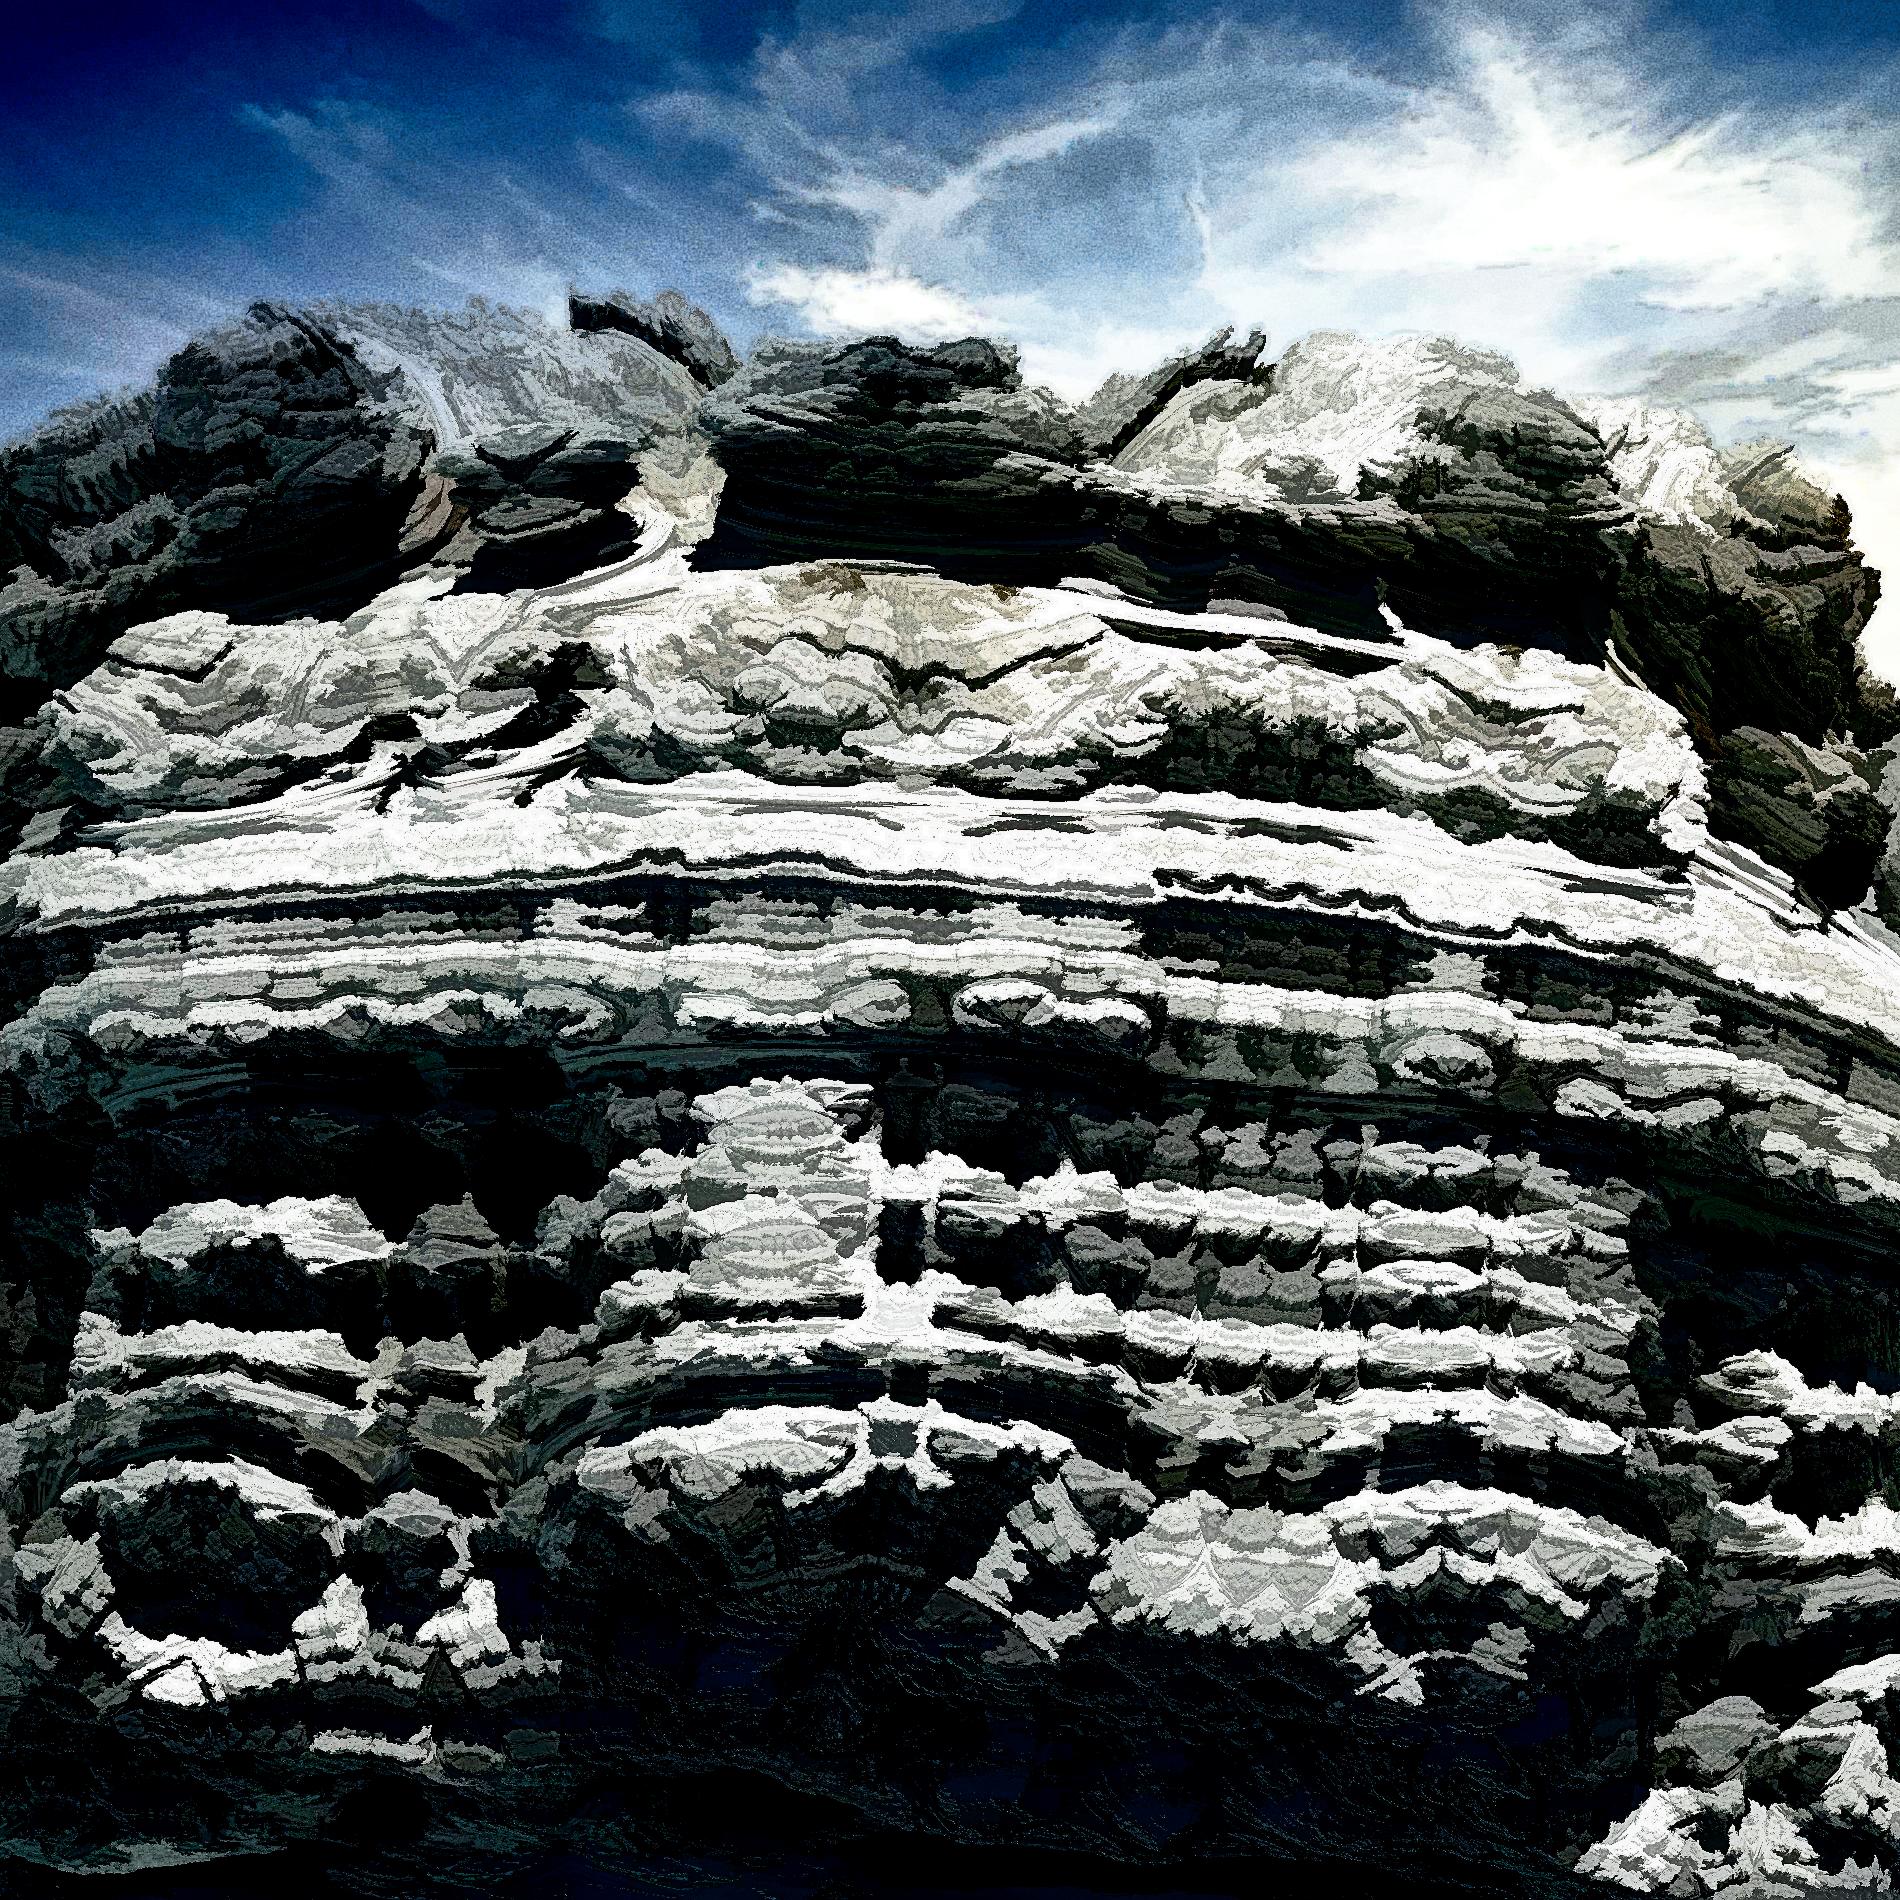 210930 絶壁冷たい岩肌冒険アドベンチャー風の山:油彩